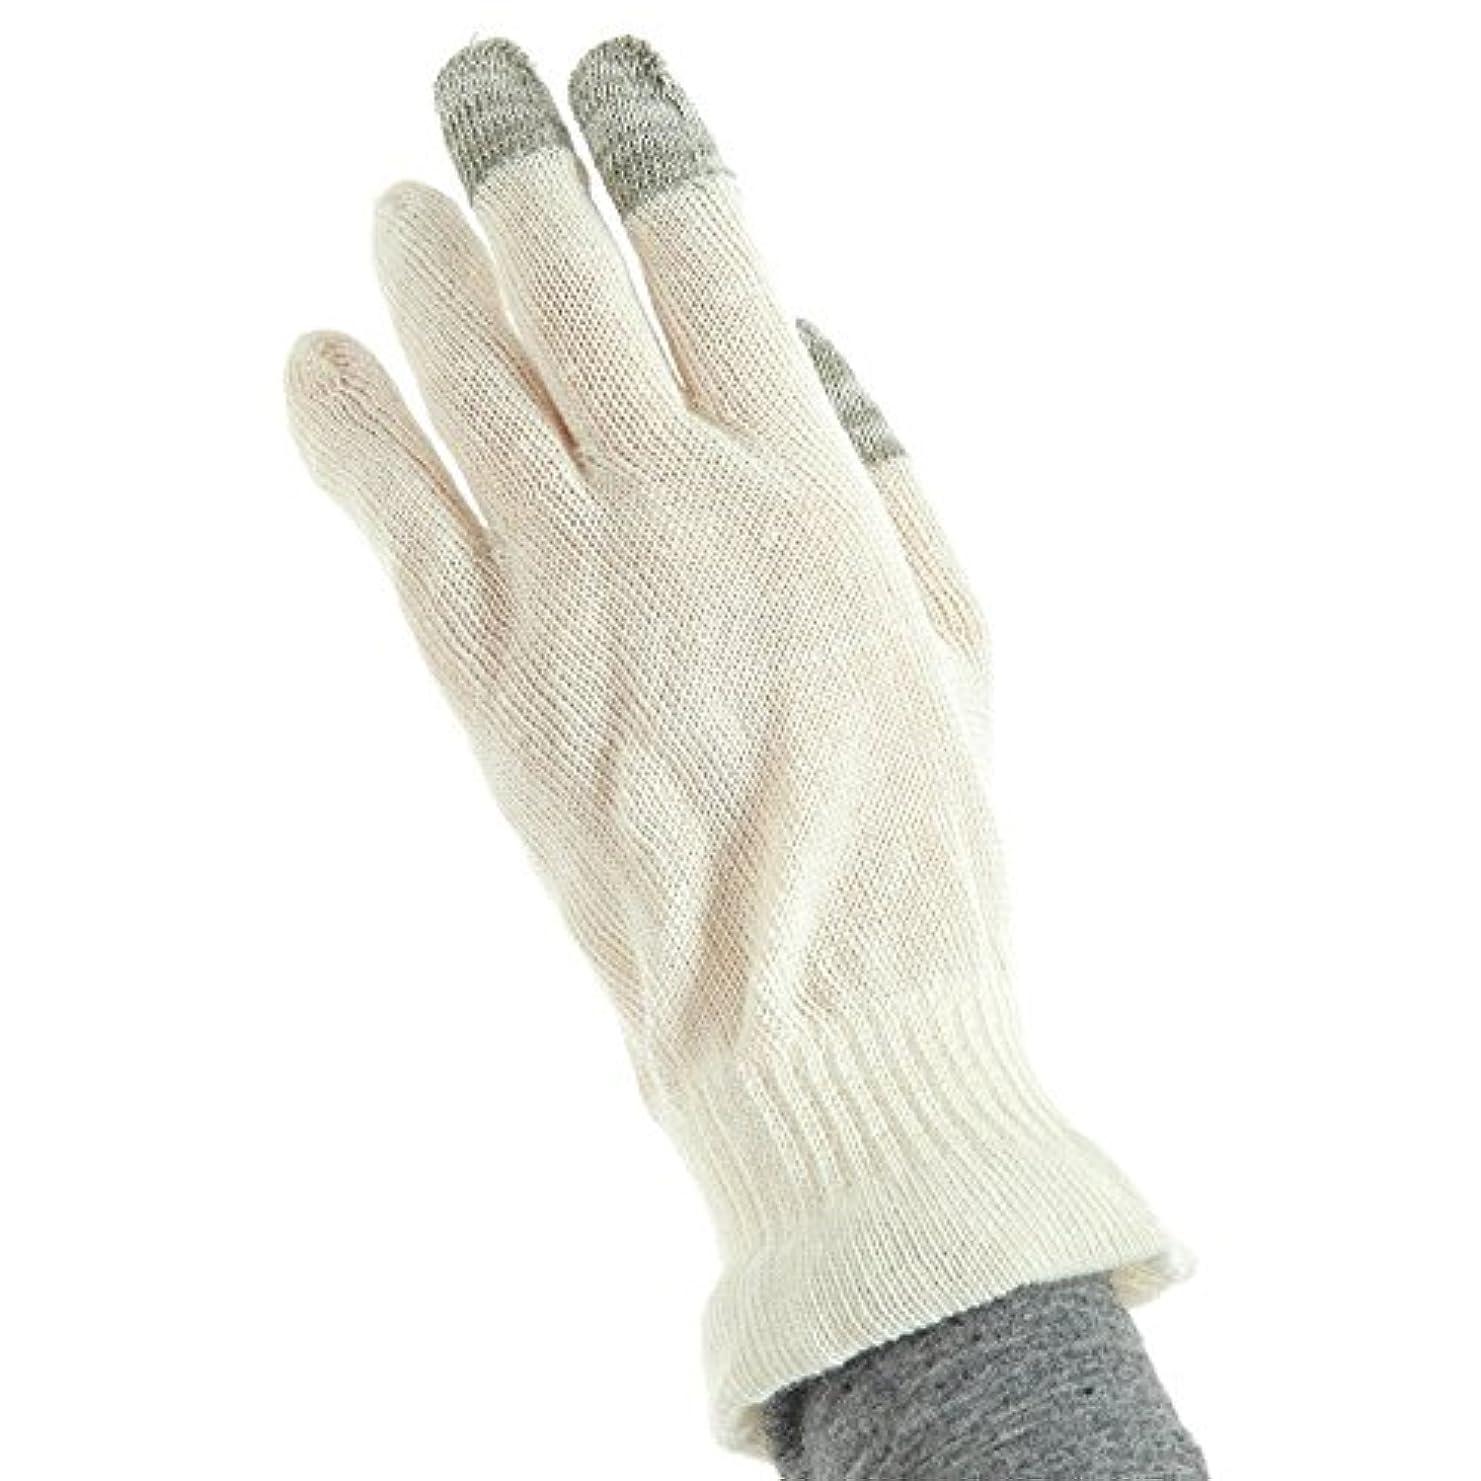 関税割り込み典型的な麻福 ヘンプ おやすみ 手袋 スマホ対応 男性用 L きなり 天然 ヘンプ素材 (麻) タッチパネル スマートフォン対応 肌に優しい 乾燥対策